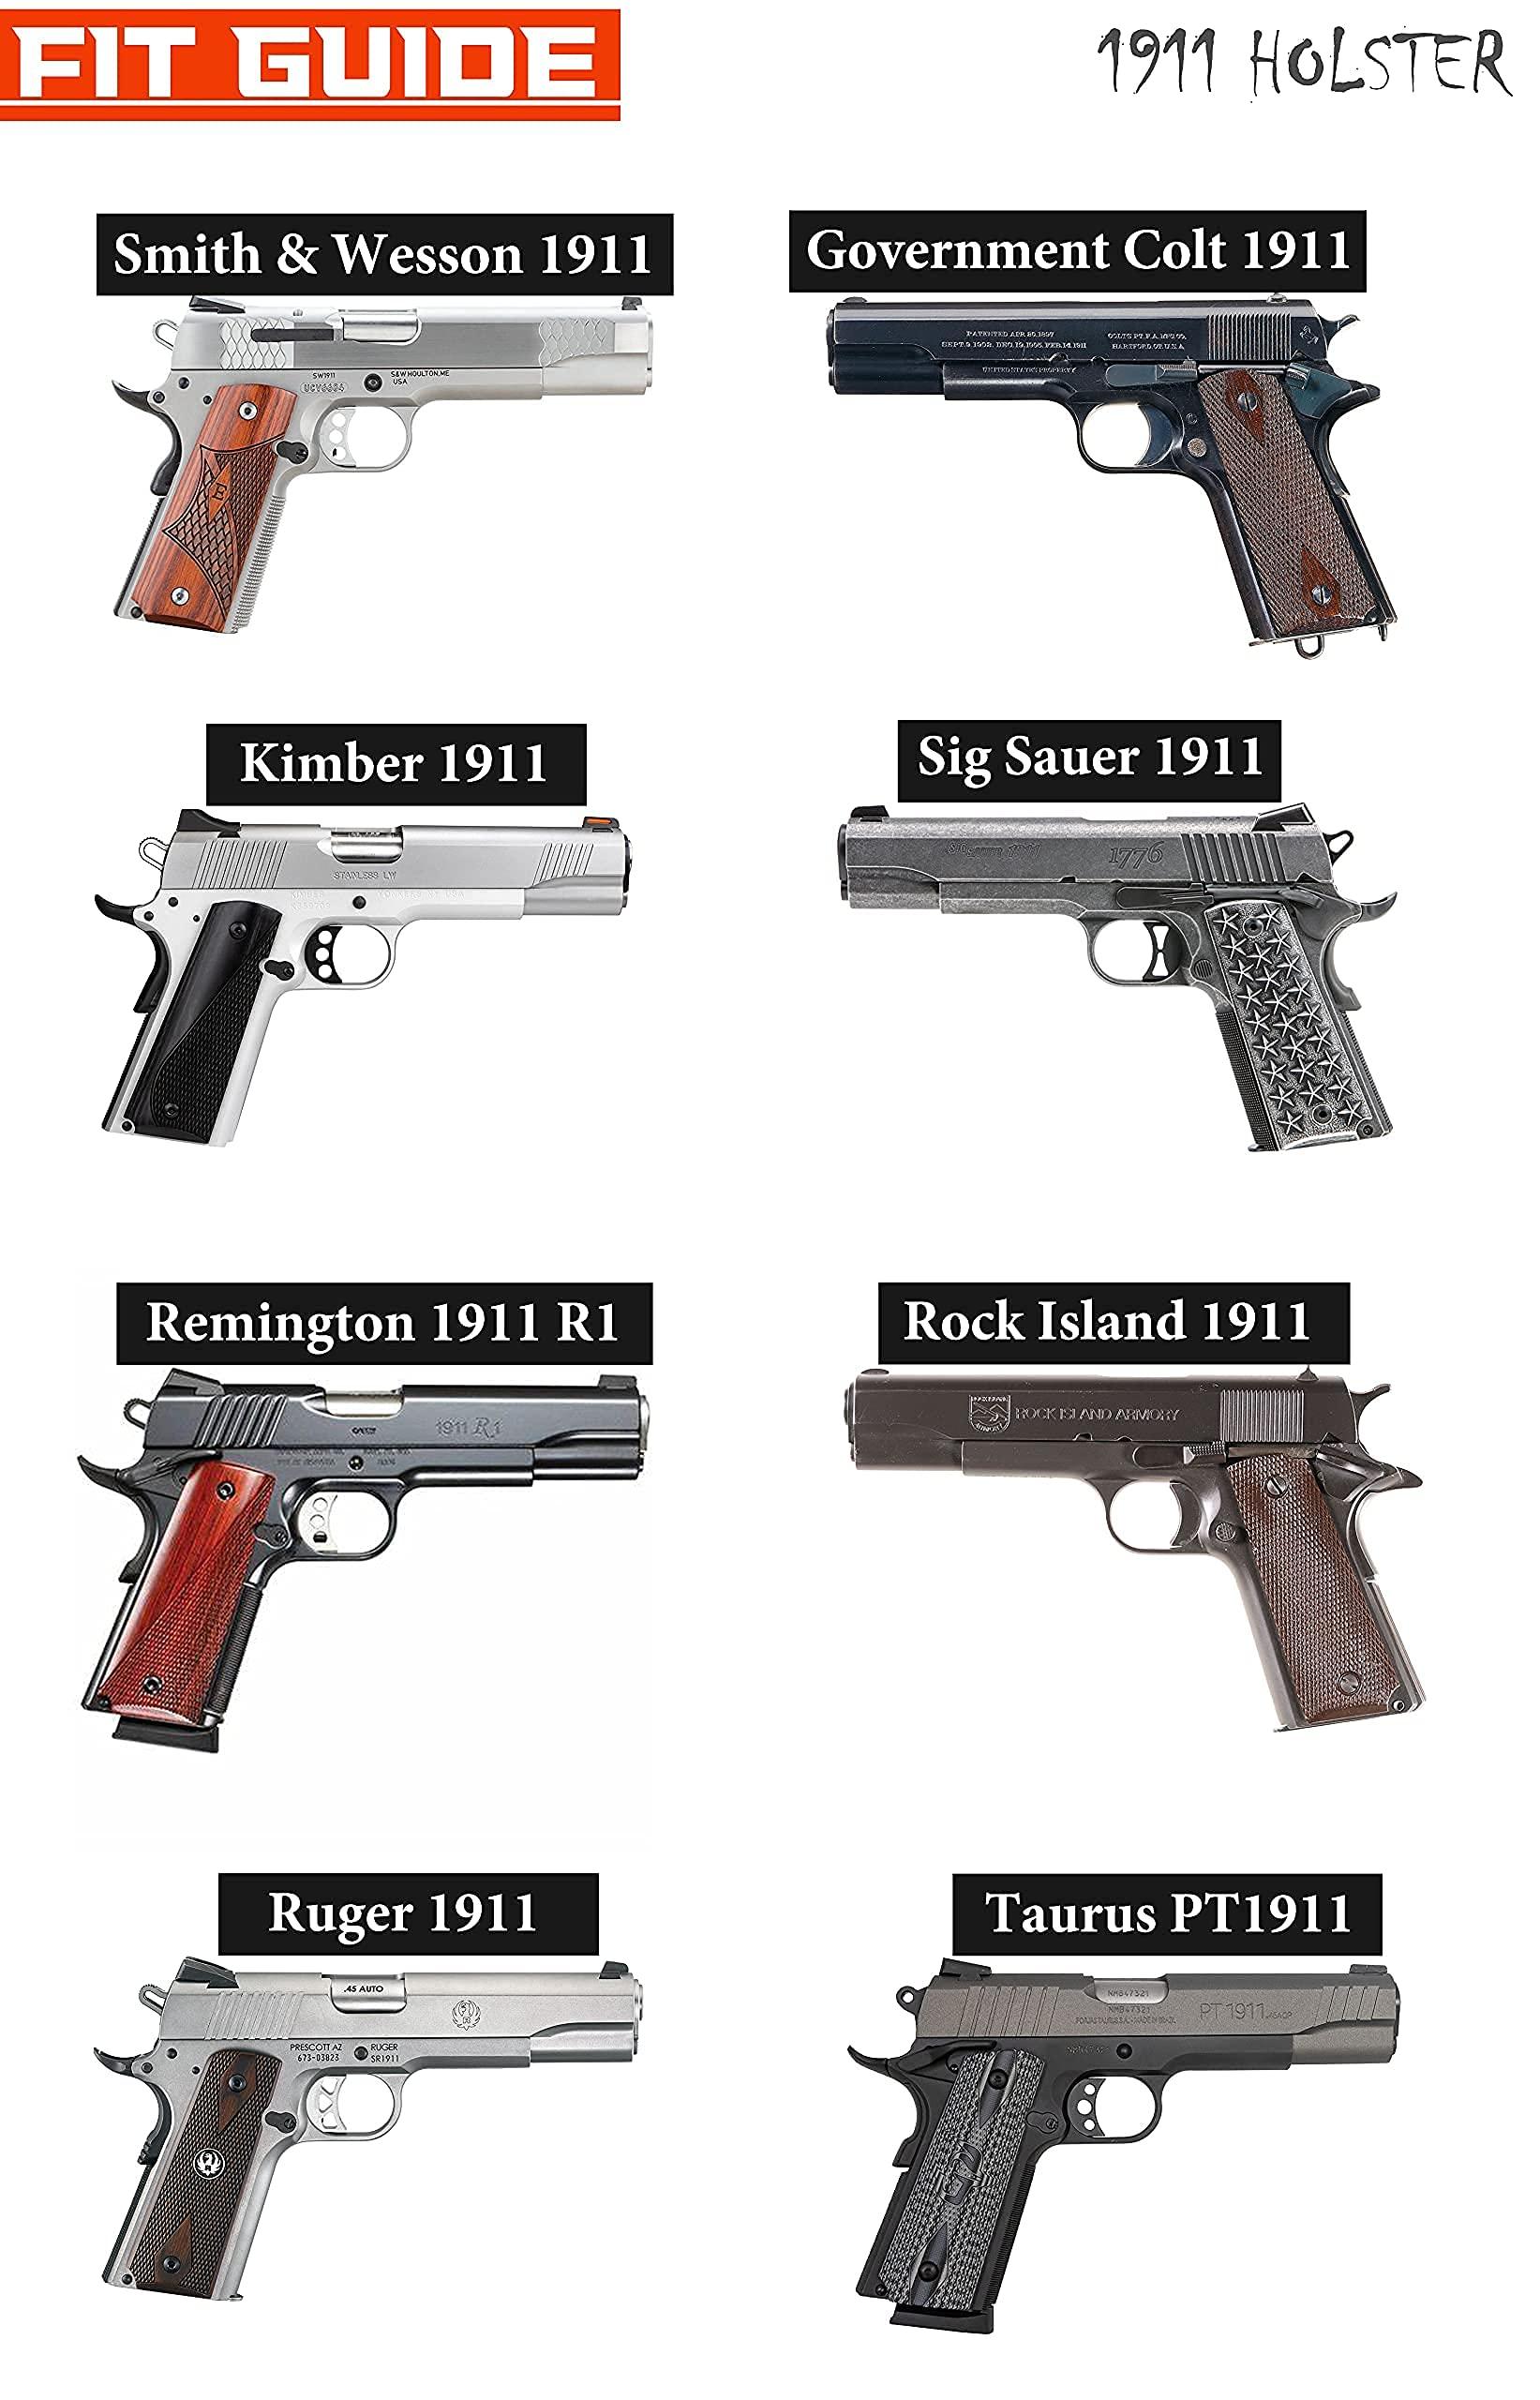 BELT SLIDE Holster for GLOCK RUGER COLT 1911 S/&W SIG SAUER RSS3 VERSACARRY IWB